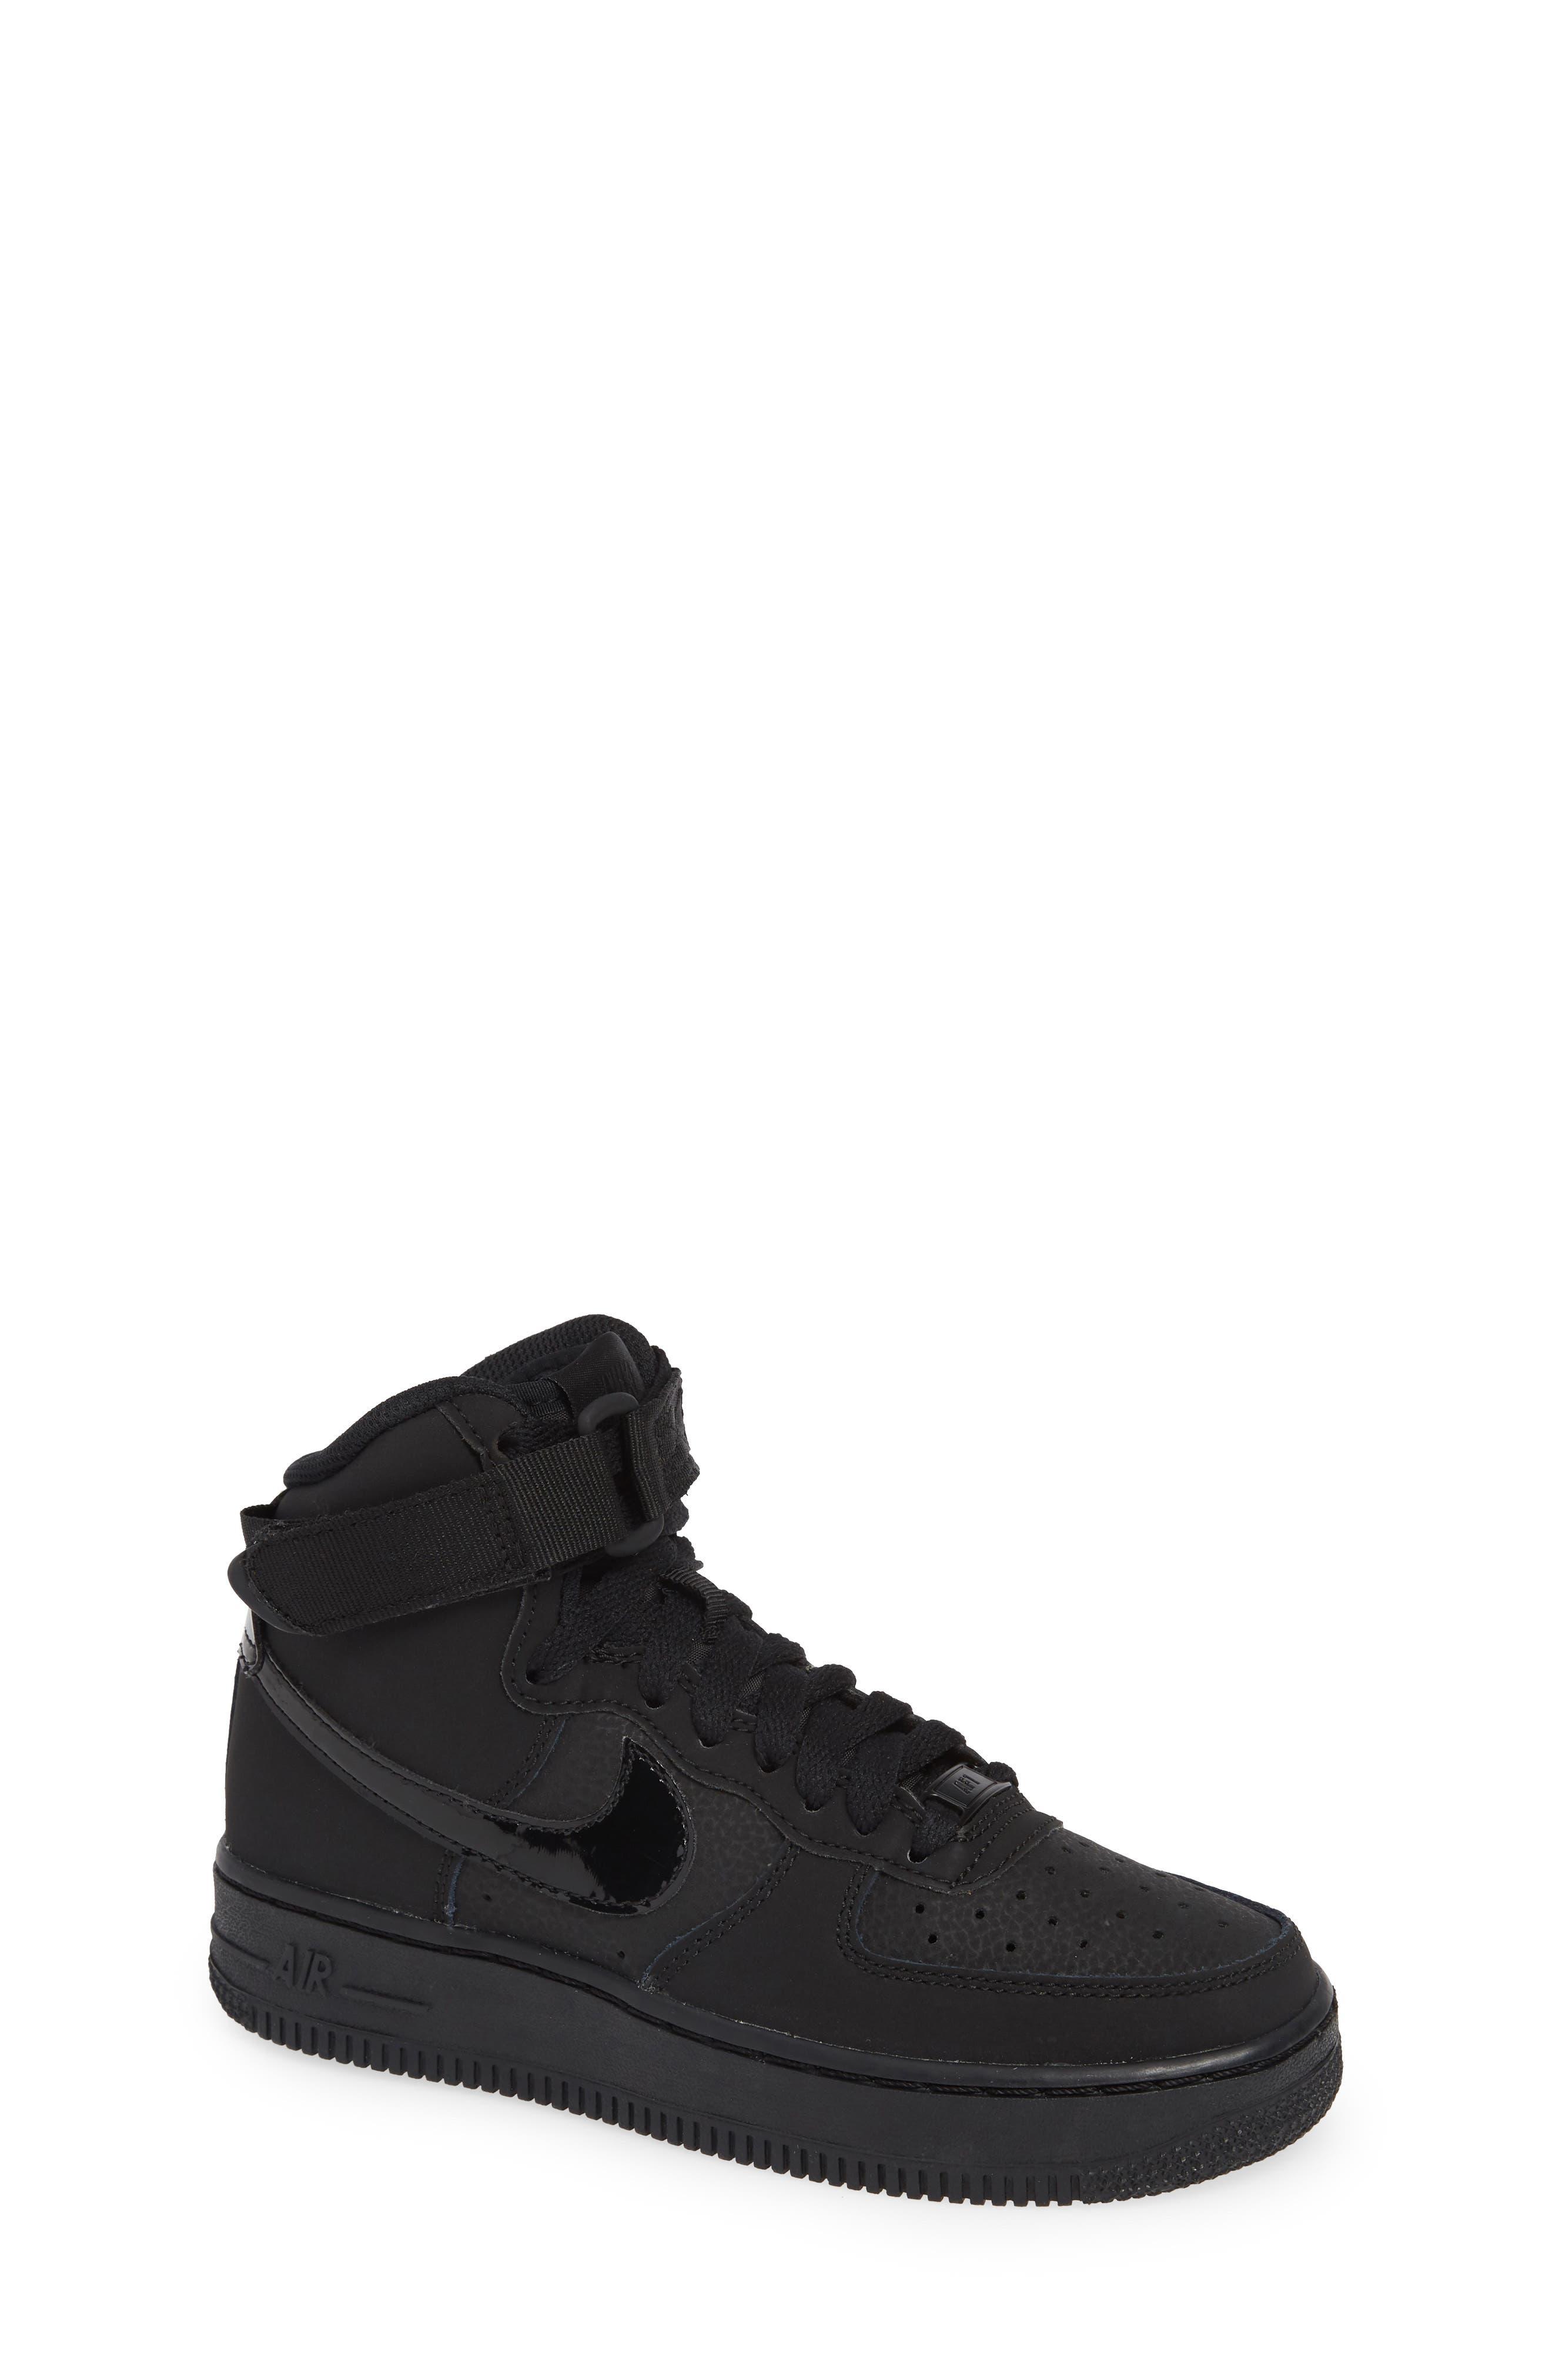 NIKE Air Force 1 High Top Sneaker, Main, color, 001